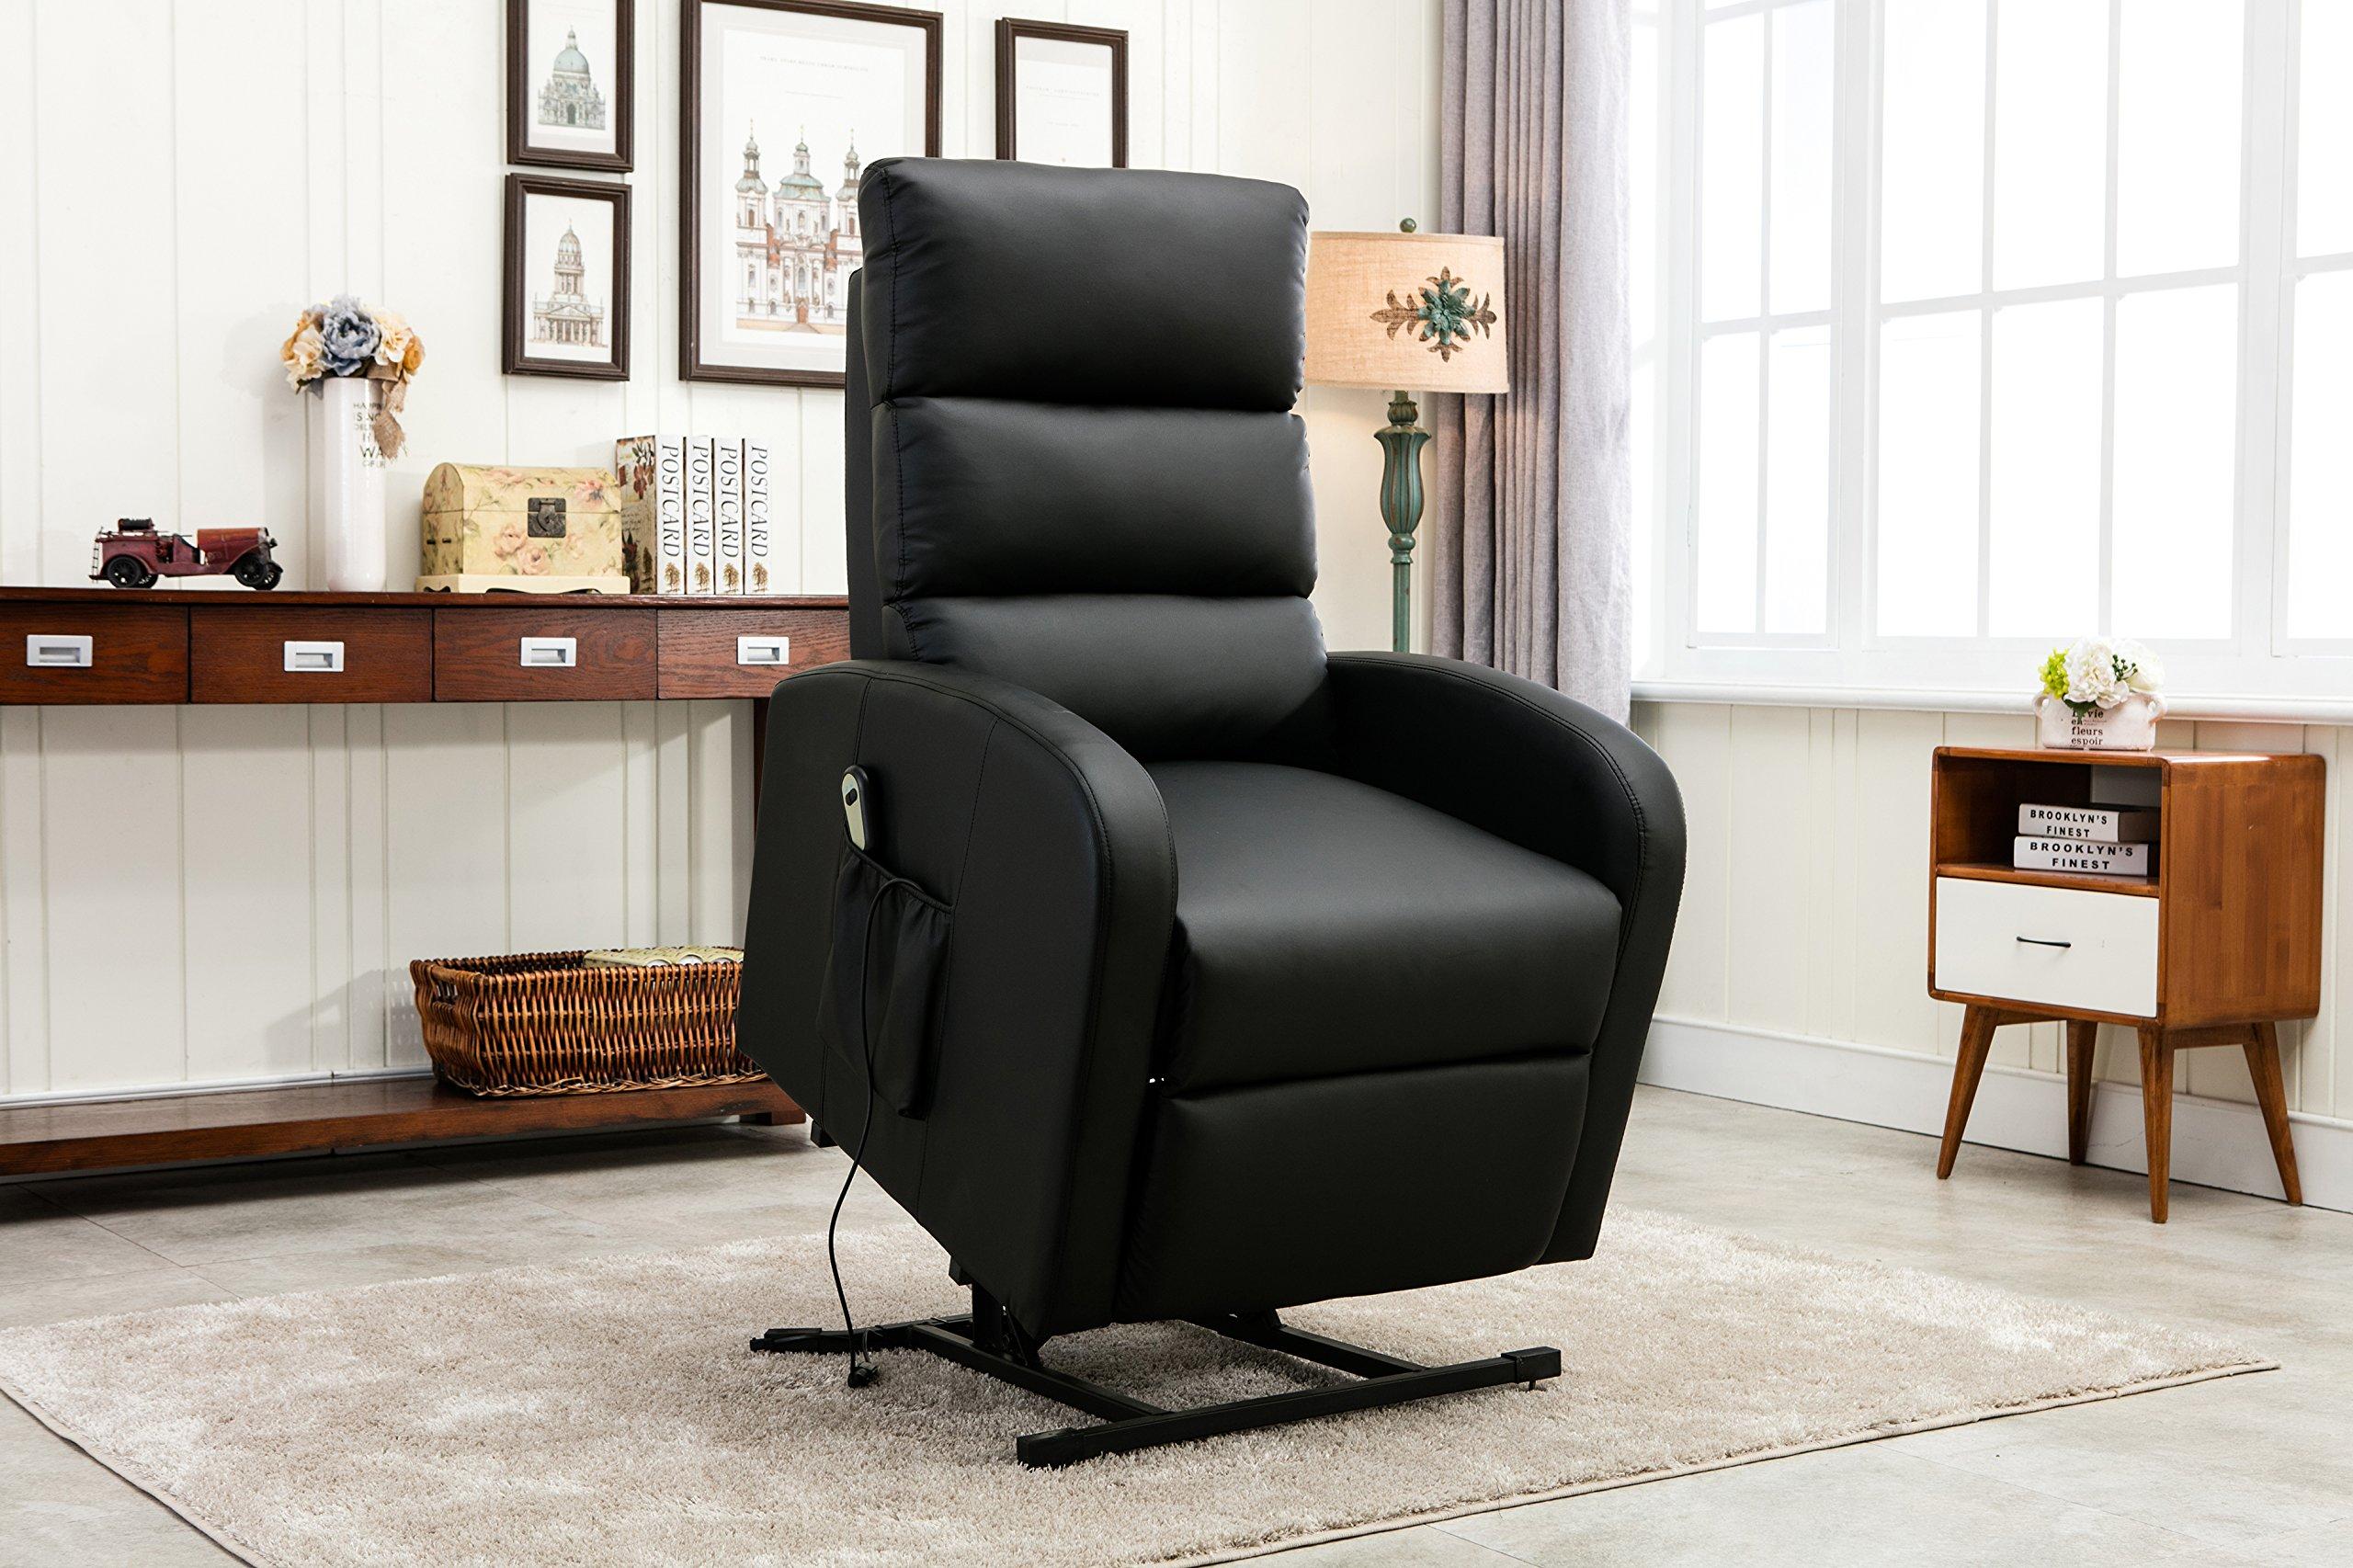 Divano Roma Furniture REC17-PU Recliner, Black by Divano Roma Furniture